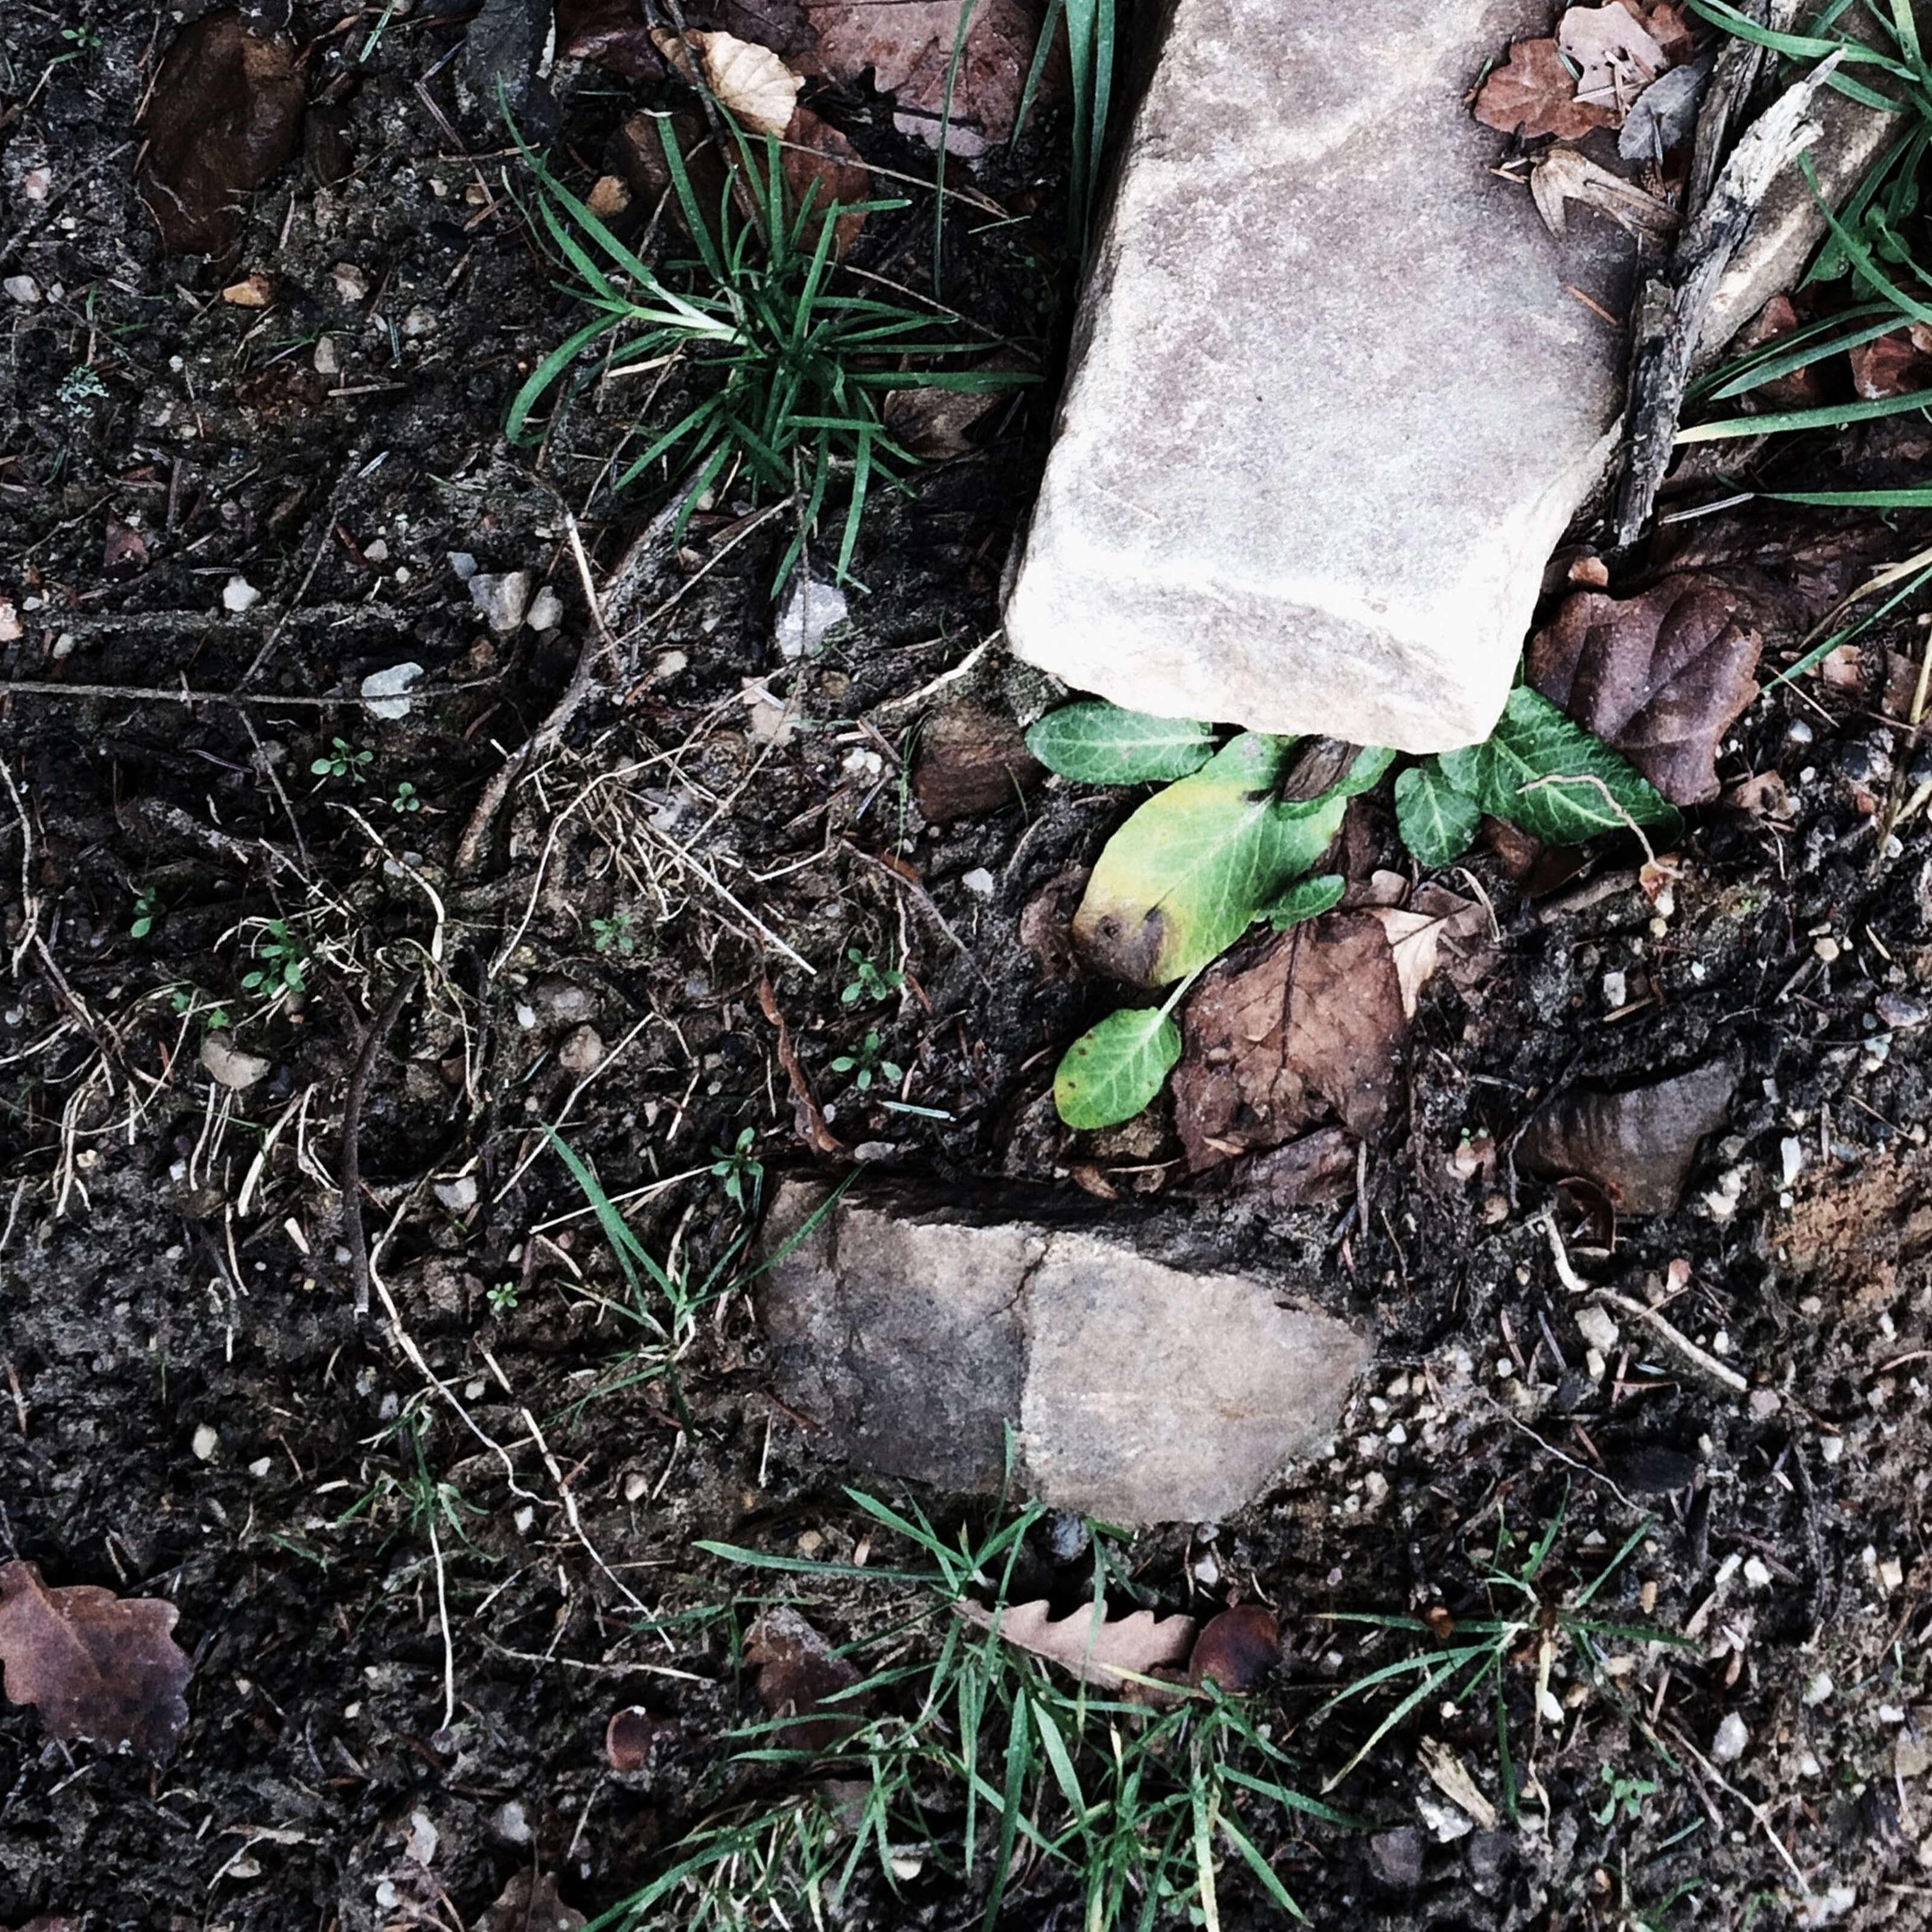 grass, dirt, compost, rocks